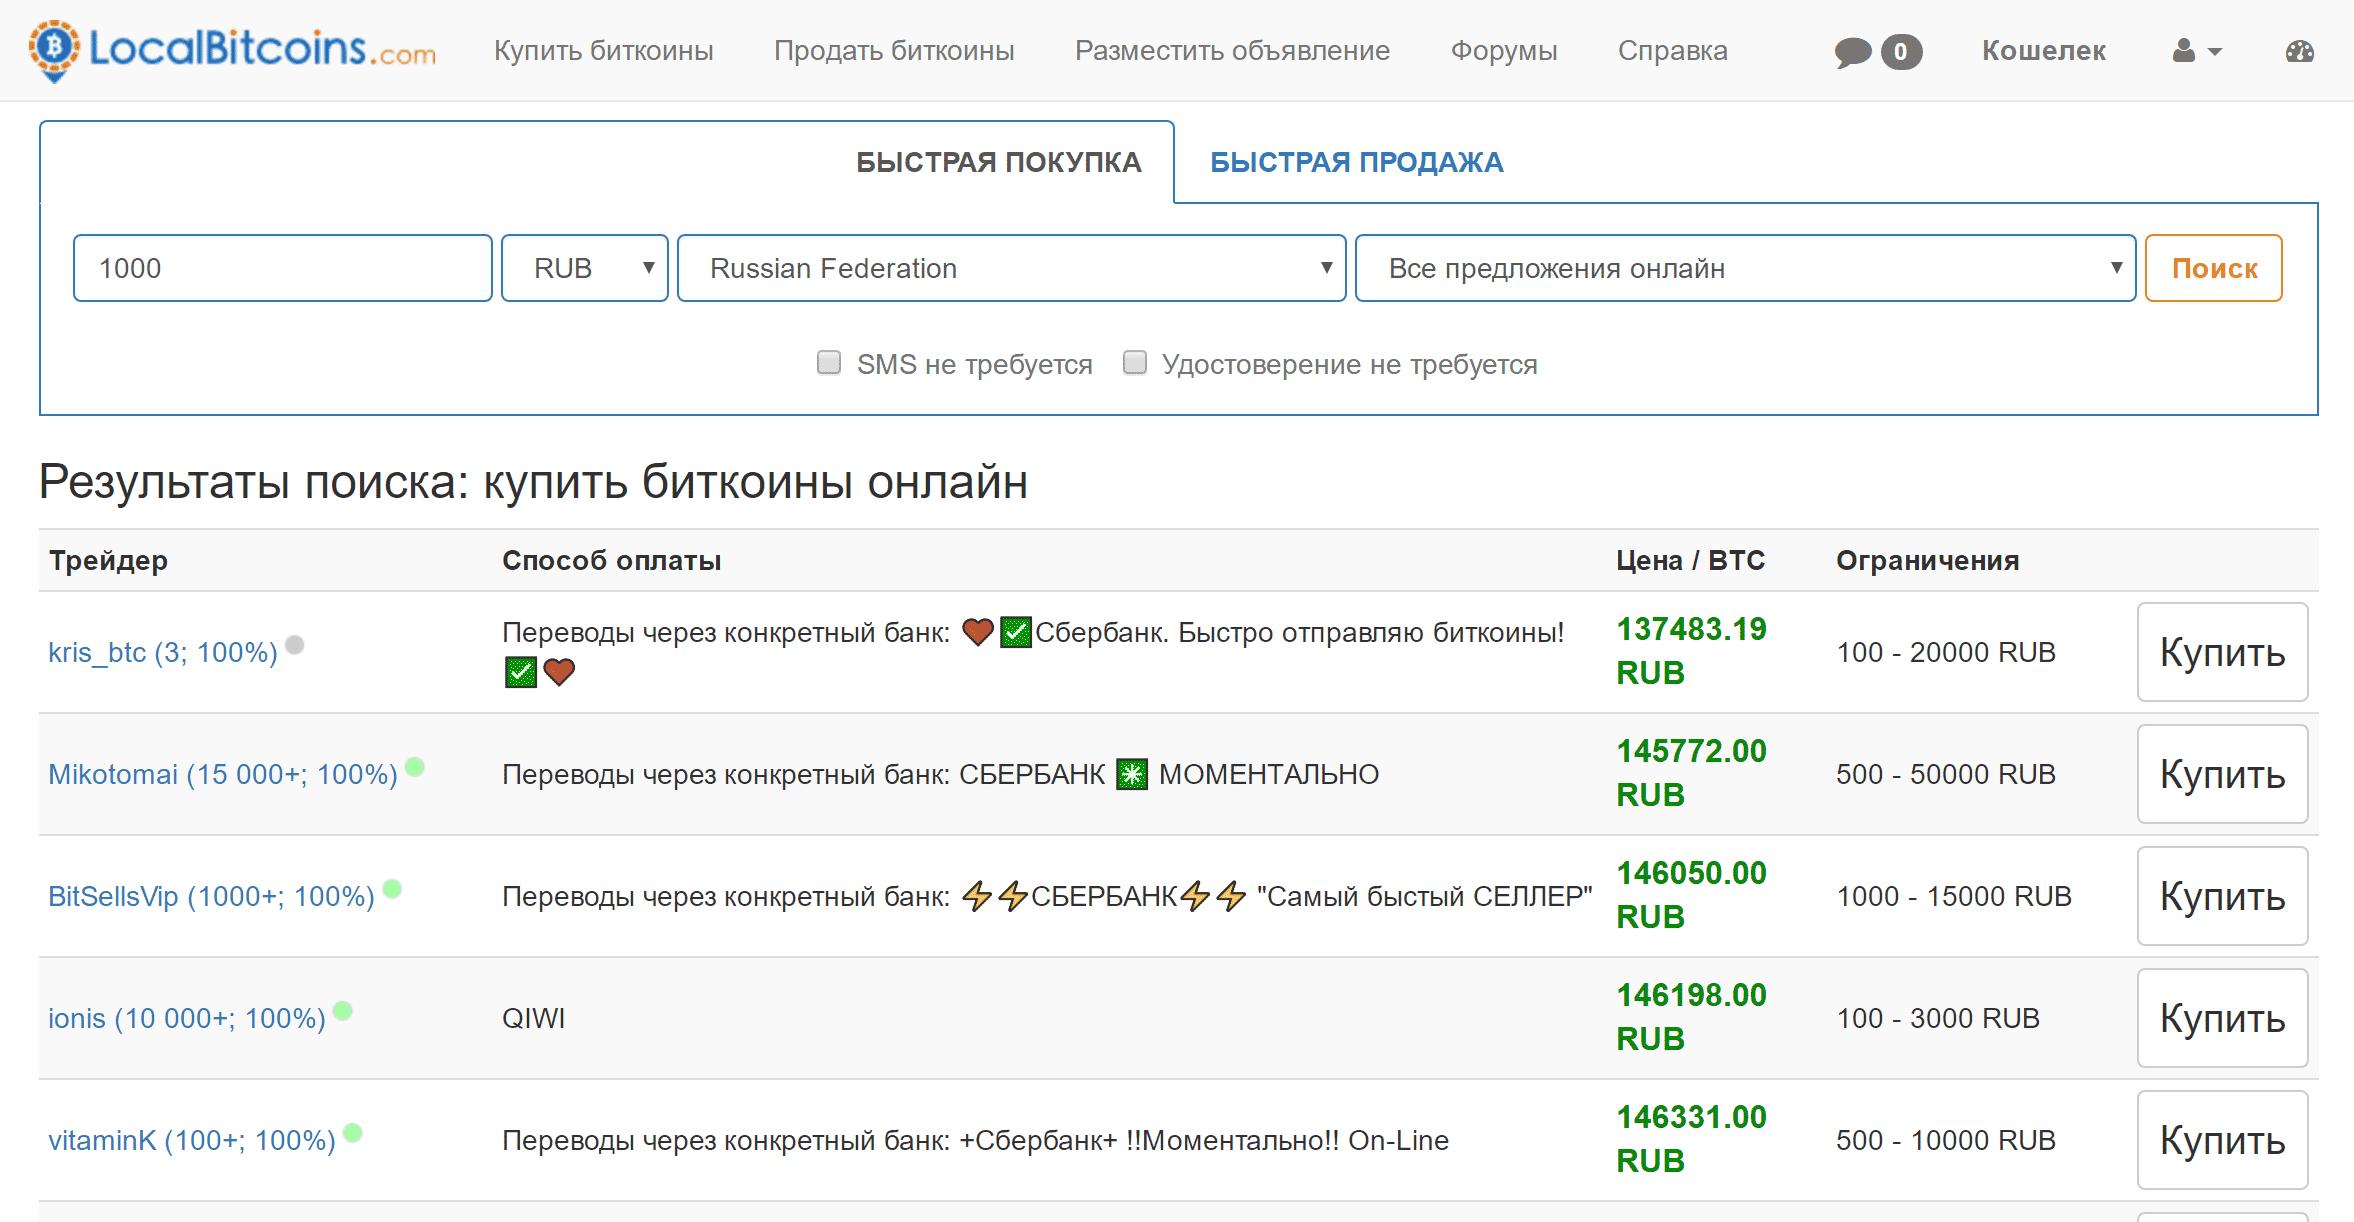 hogyan jelennek meg a bitcoinok melyik országban lehet pénzt keresni